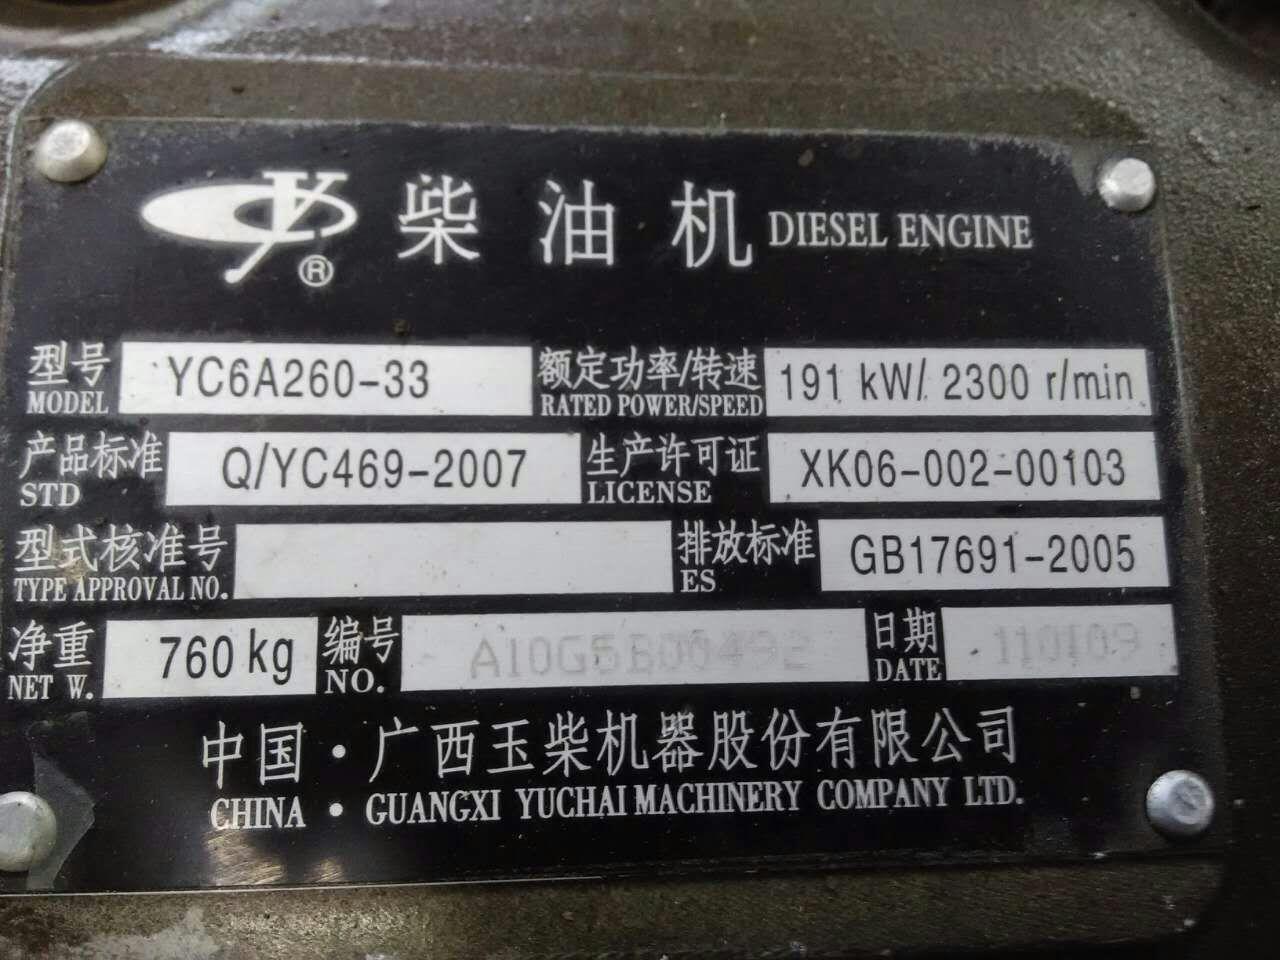 供应玉柴6108发动机YC6A260-33 260马力图片